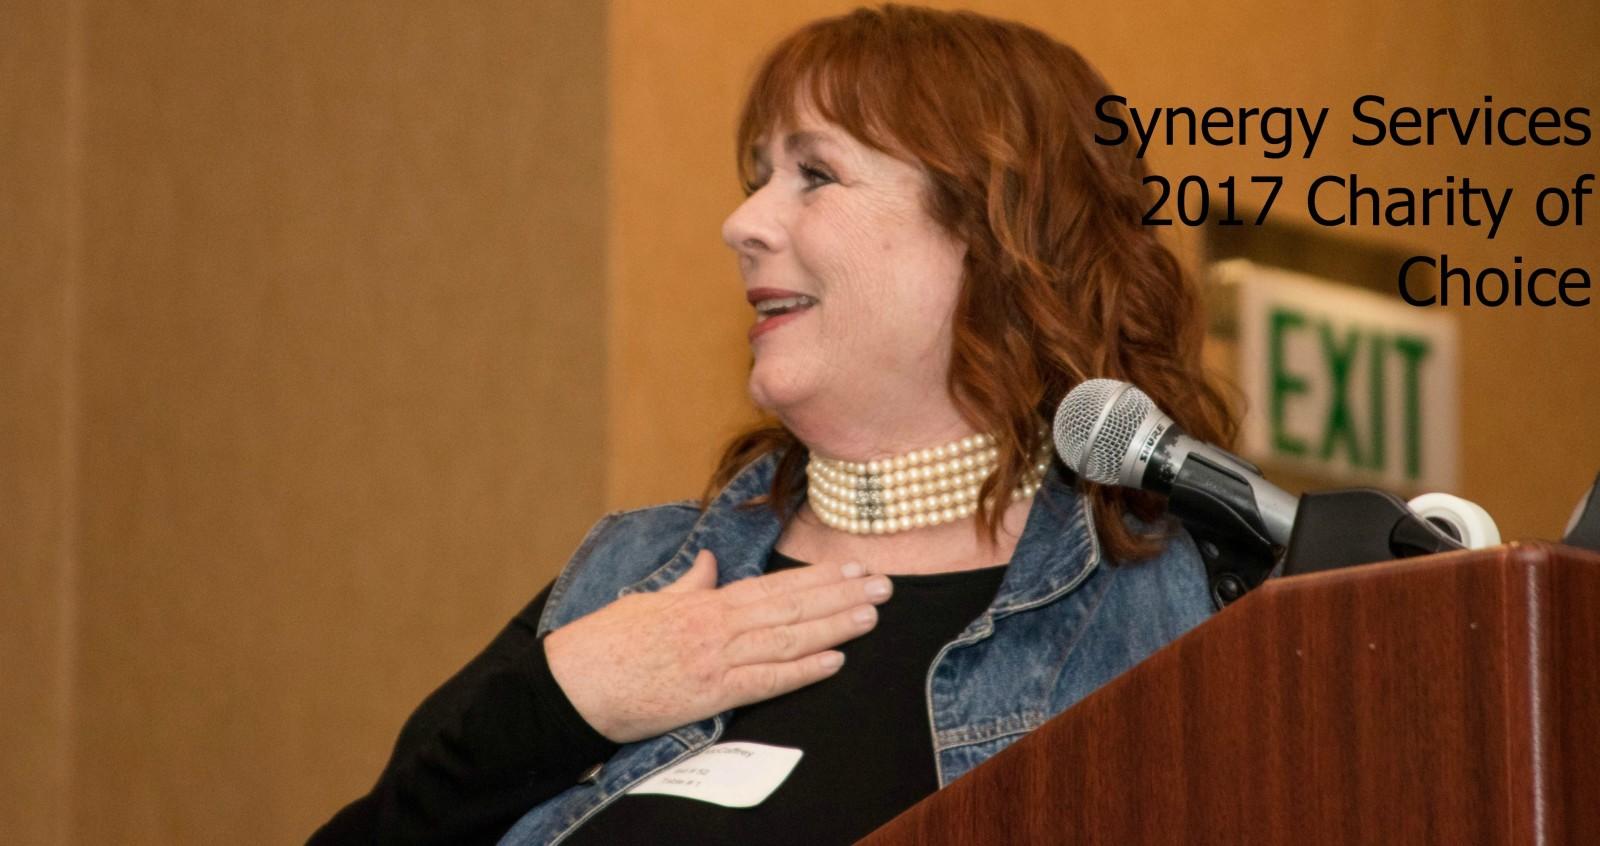 Synergy-Services-w3976-w1920.jpg